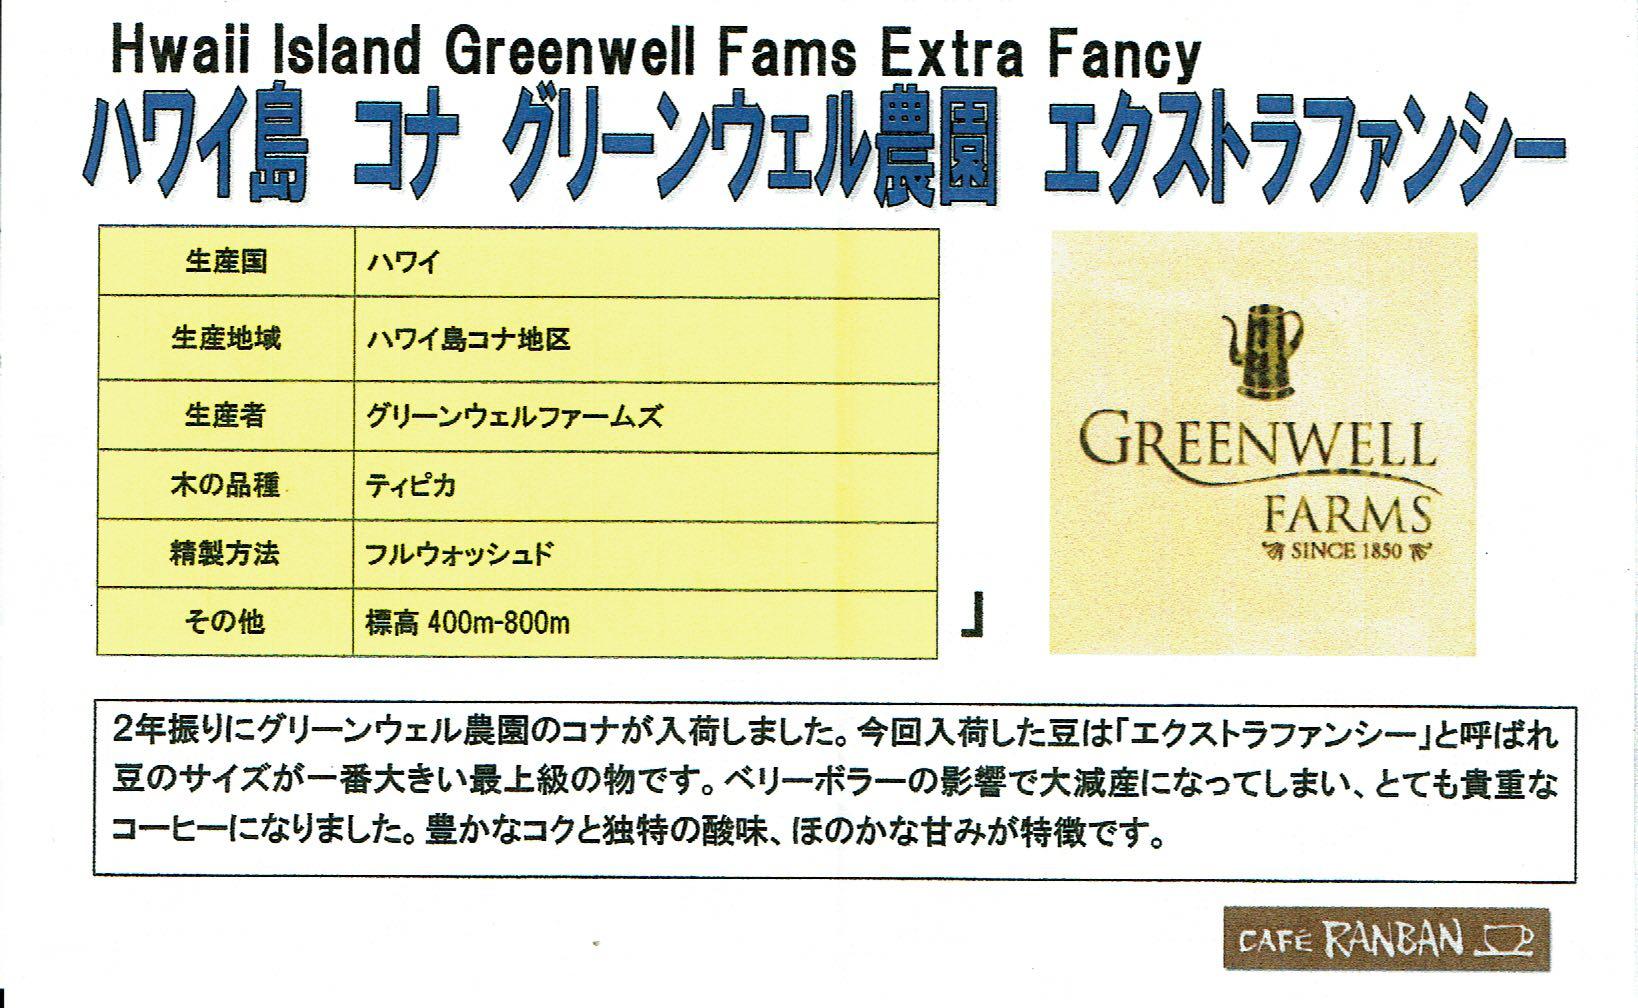 カフェ ランバン:アメリカ合衆国 ハワイ島 コナ地区 グリーンウェル農園 エクストラ・ファンシー